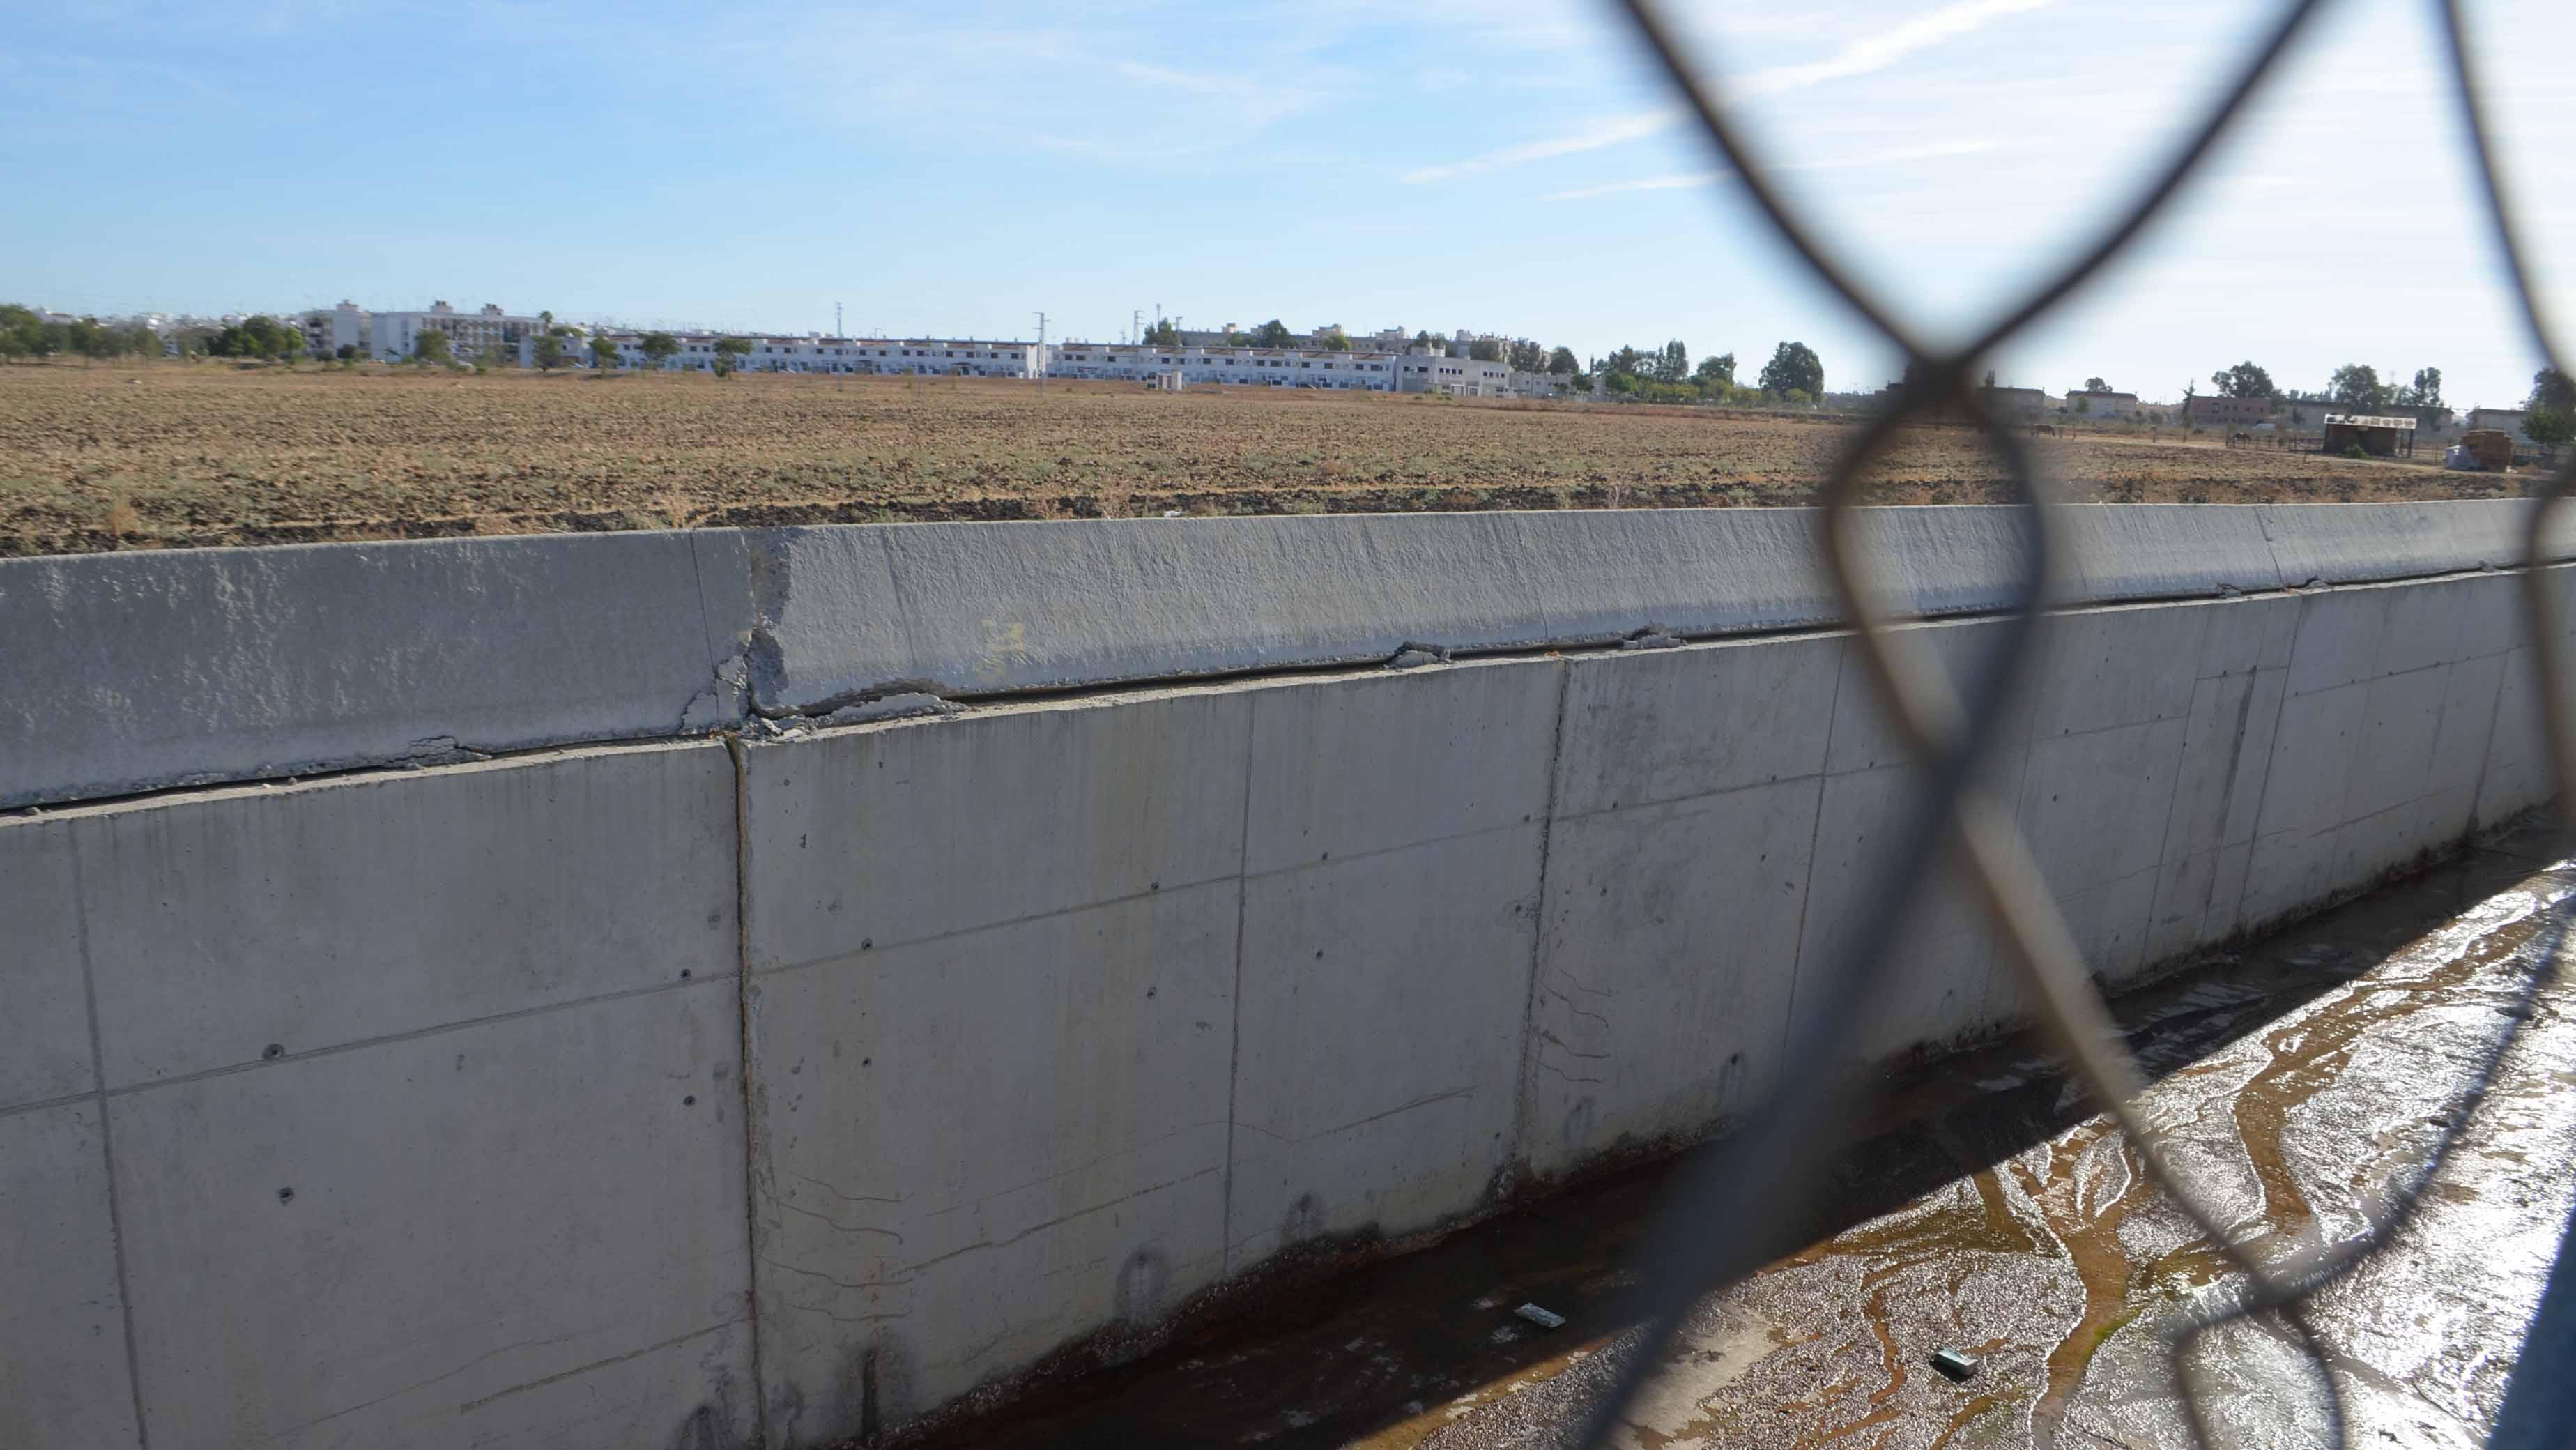 El canal presenta grietas y roturas en su barreras de hormigón